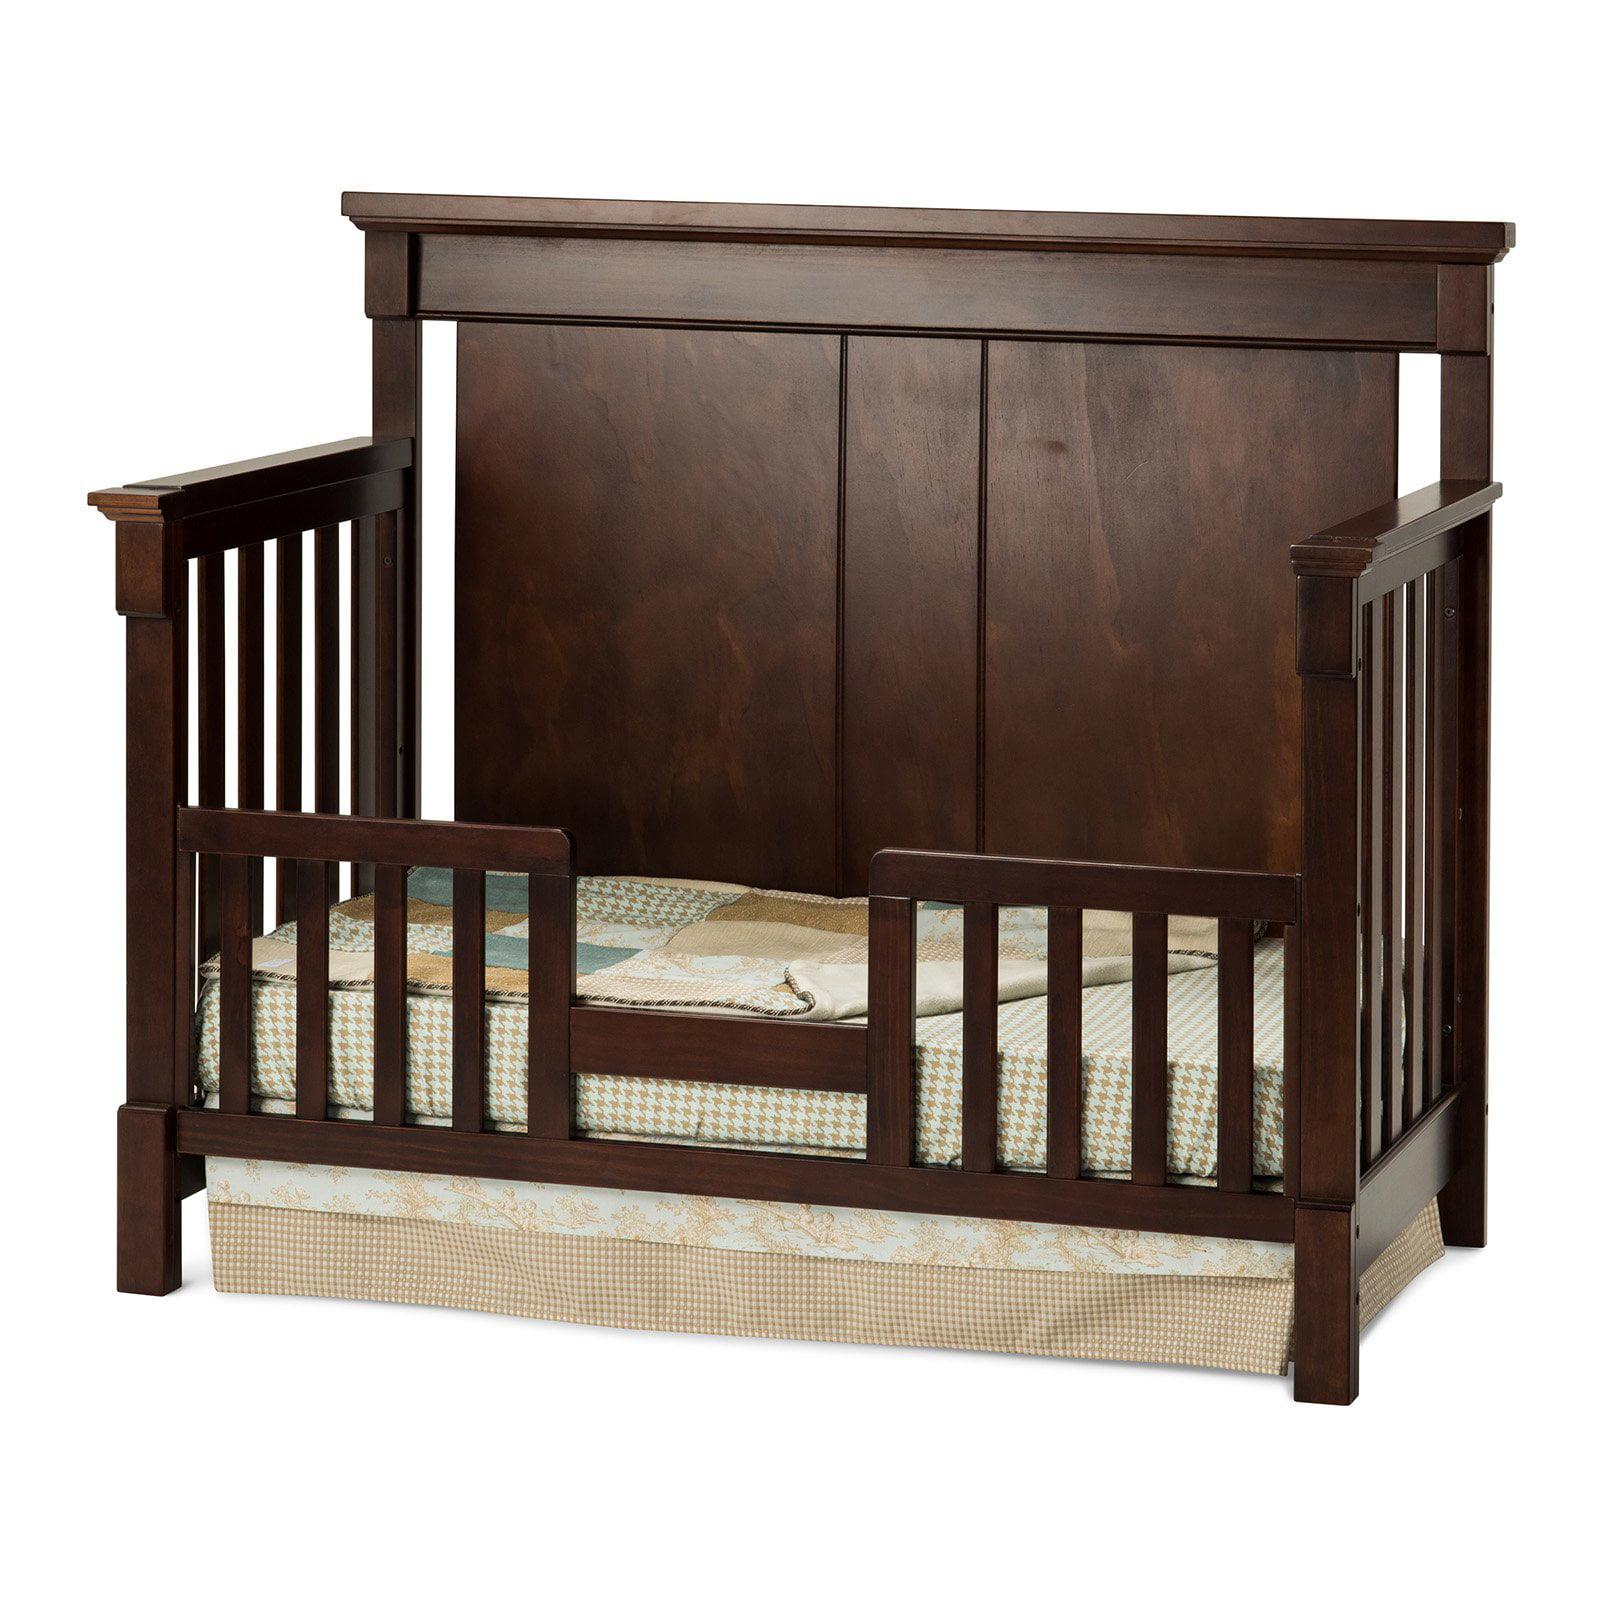 Merveilleux Child Craft Bradford 4 In 1 Convertible Crib Cherry   Walmart.com